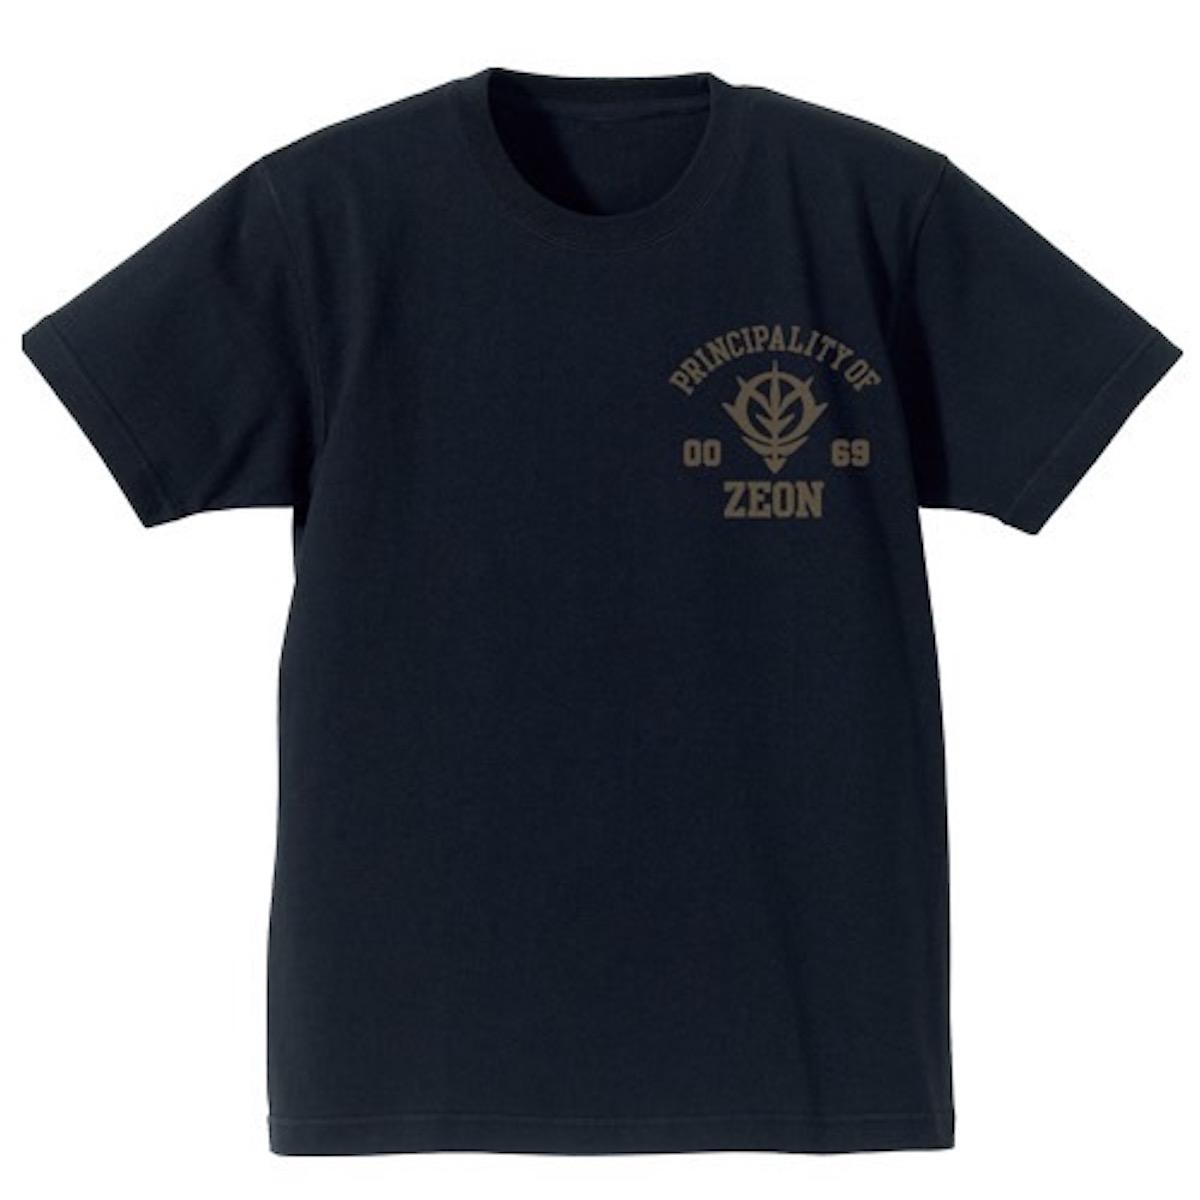 24 吉翁軍重磅T恤.jpg